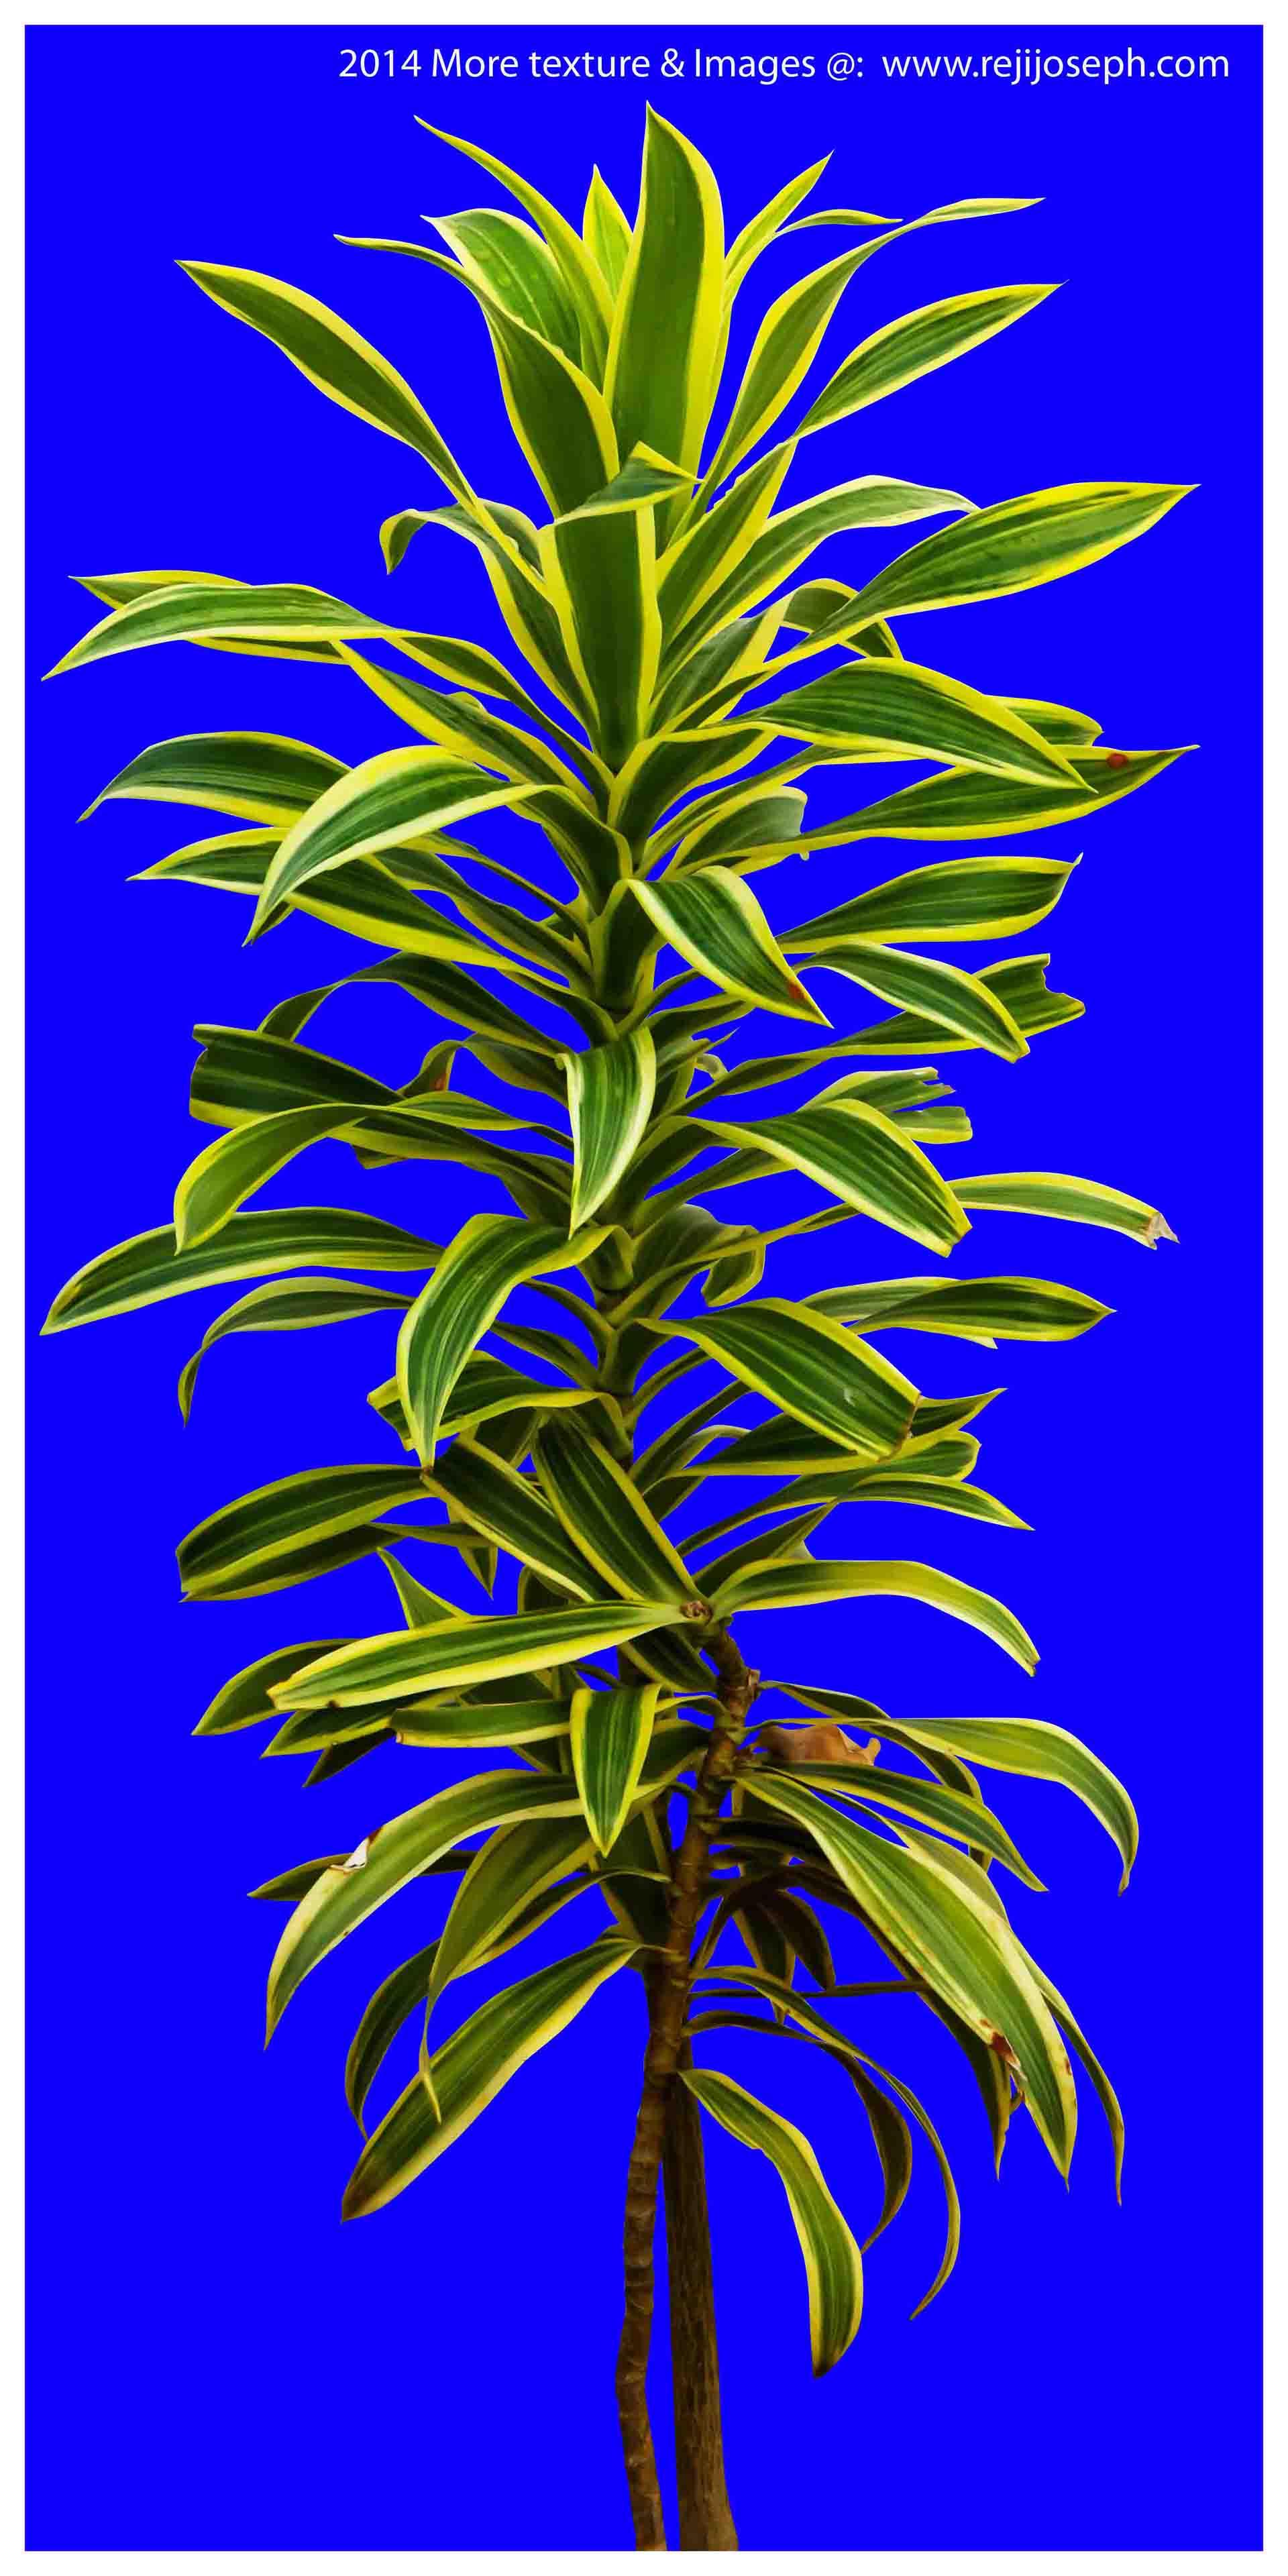 Garden plants texture 00019